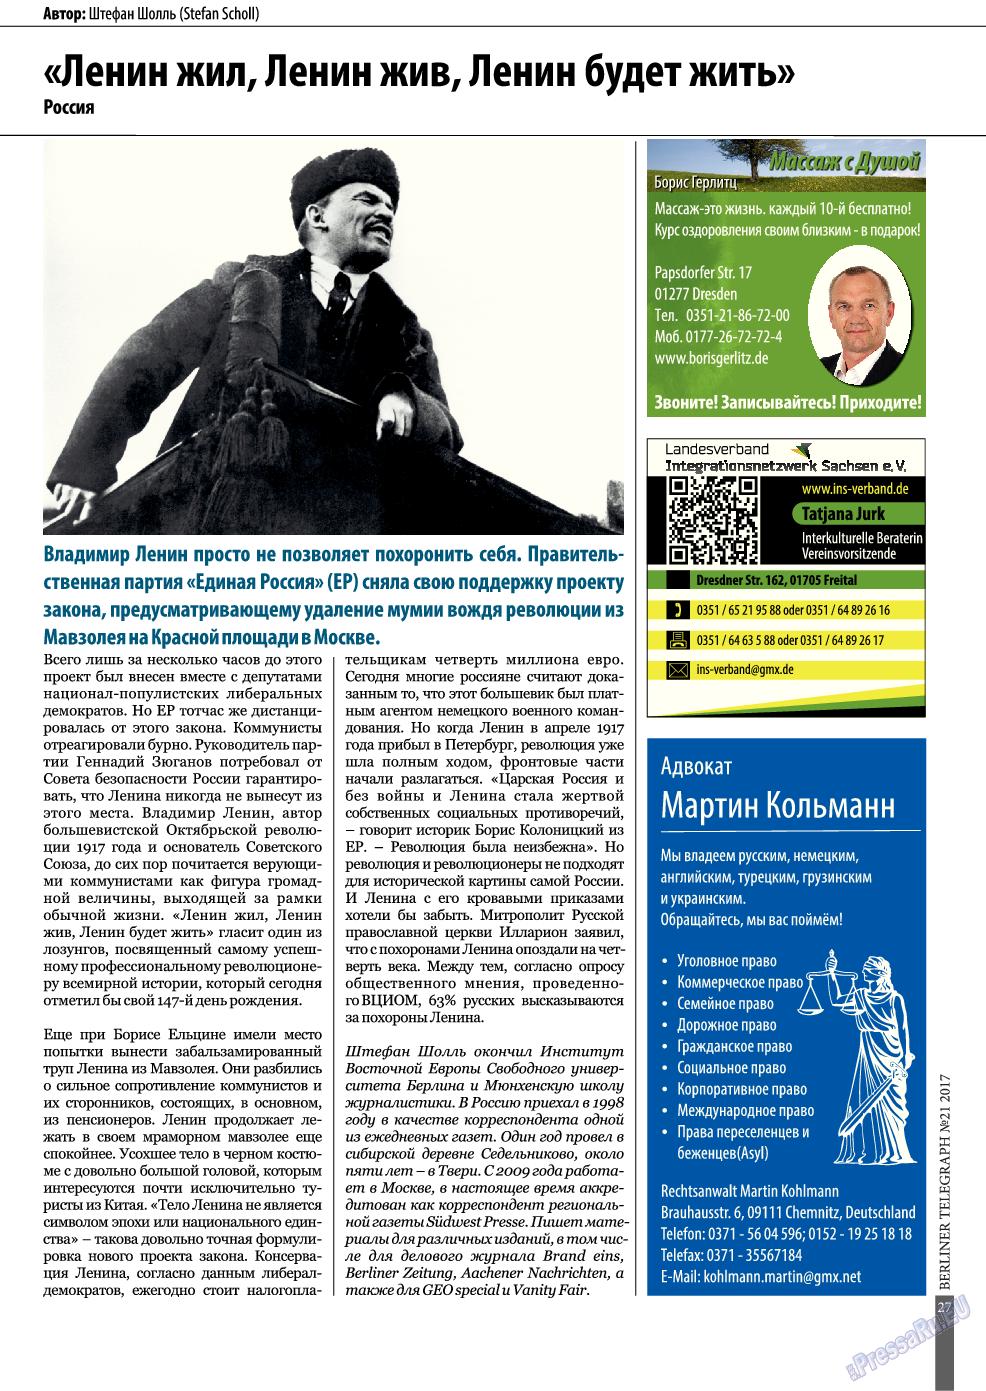 Берлинский телеграф (журнал). 2017 год, номер 21, стр. 27